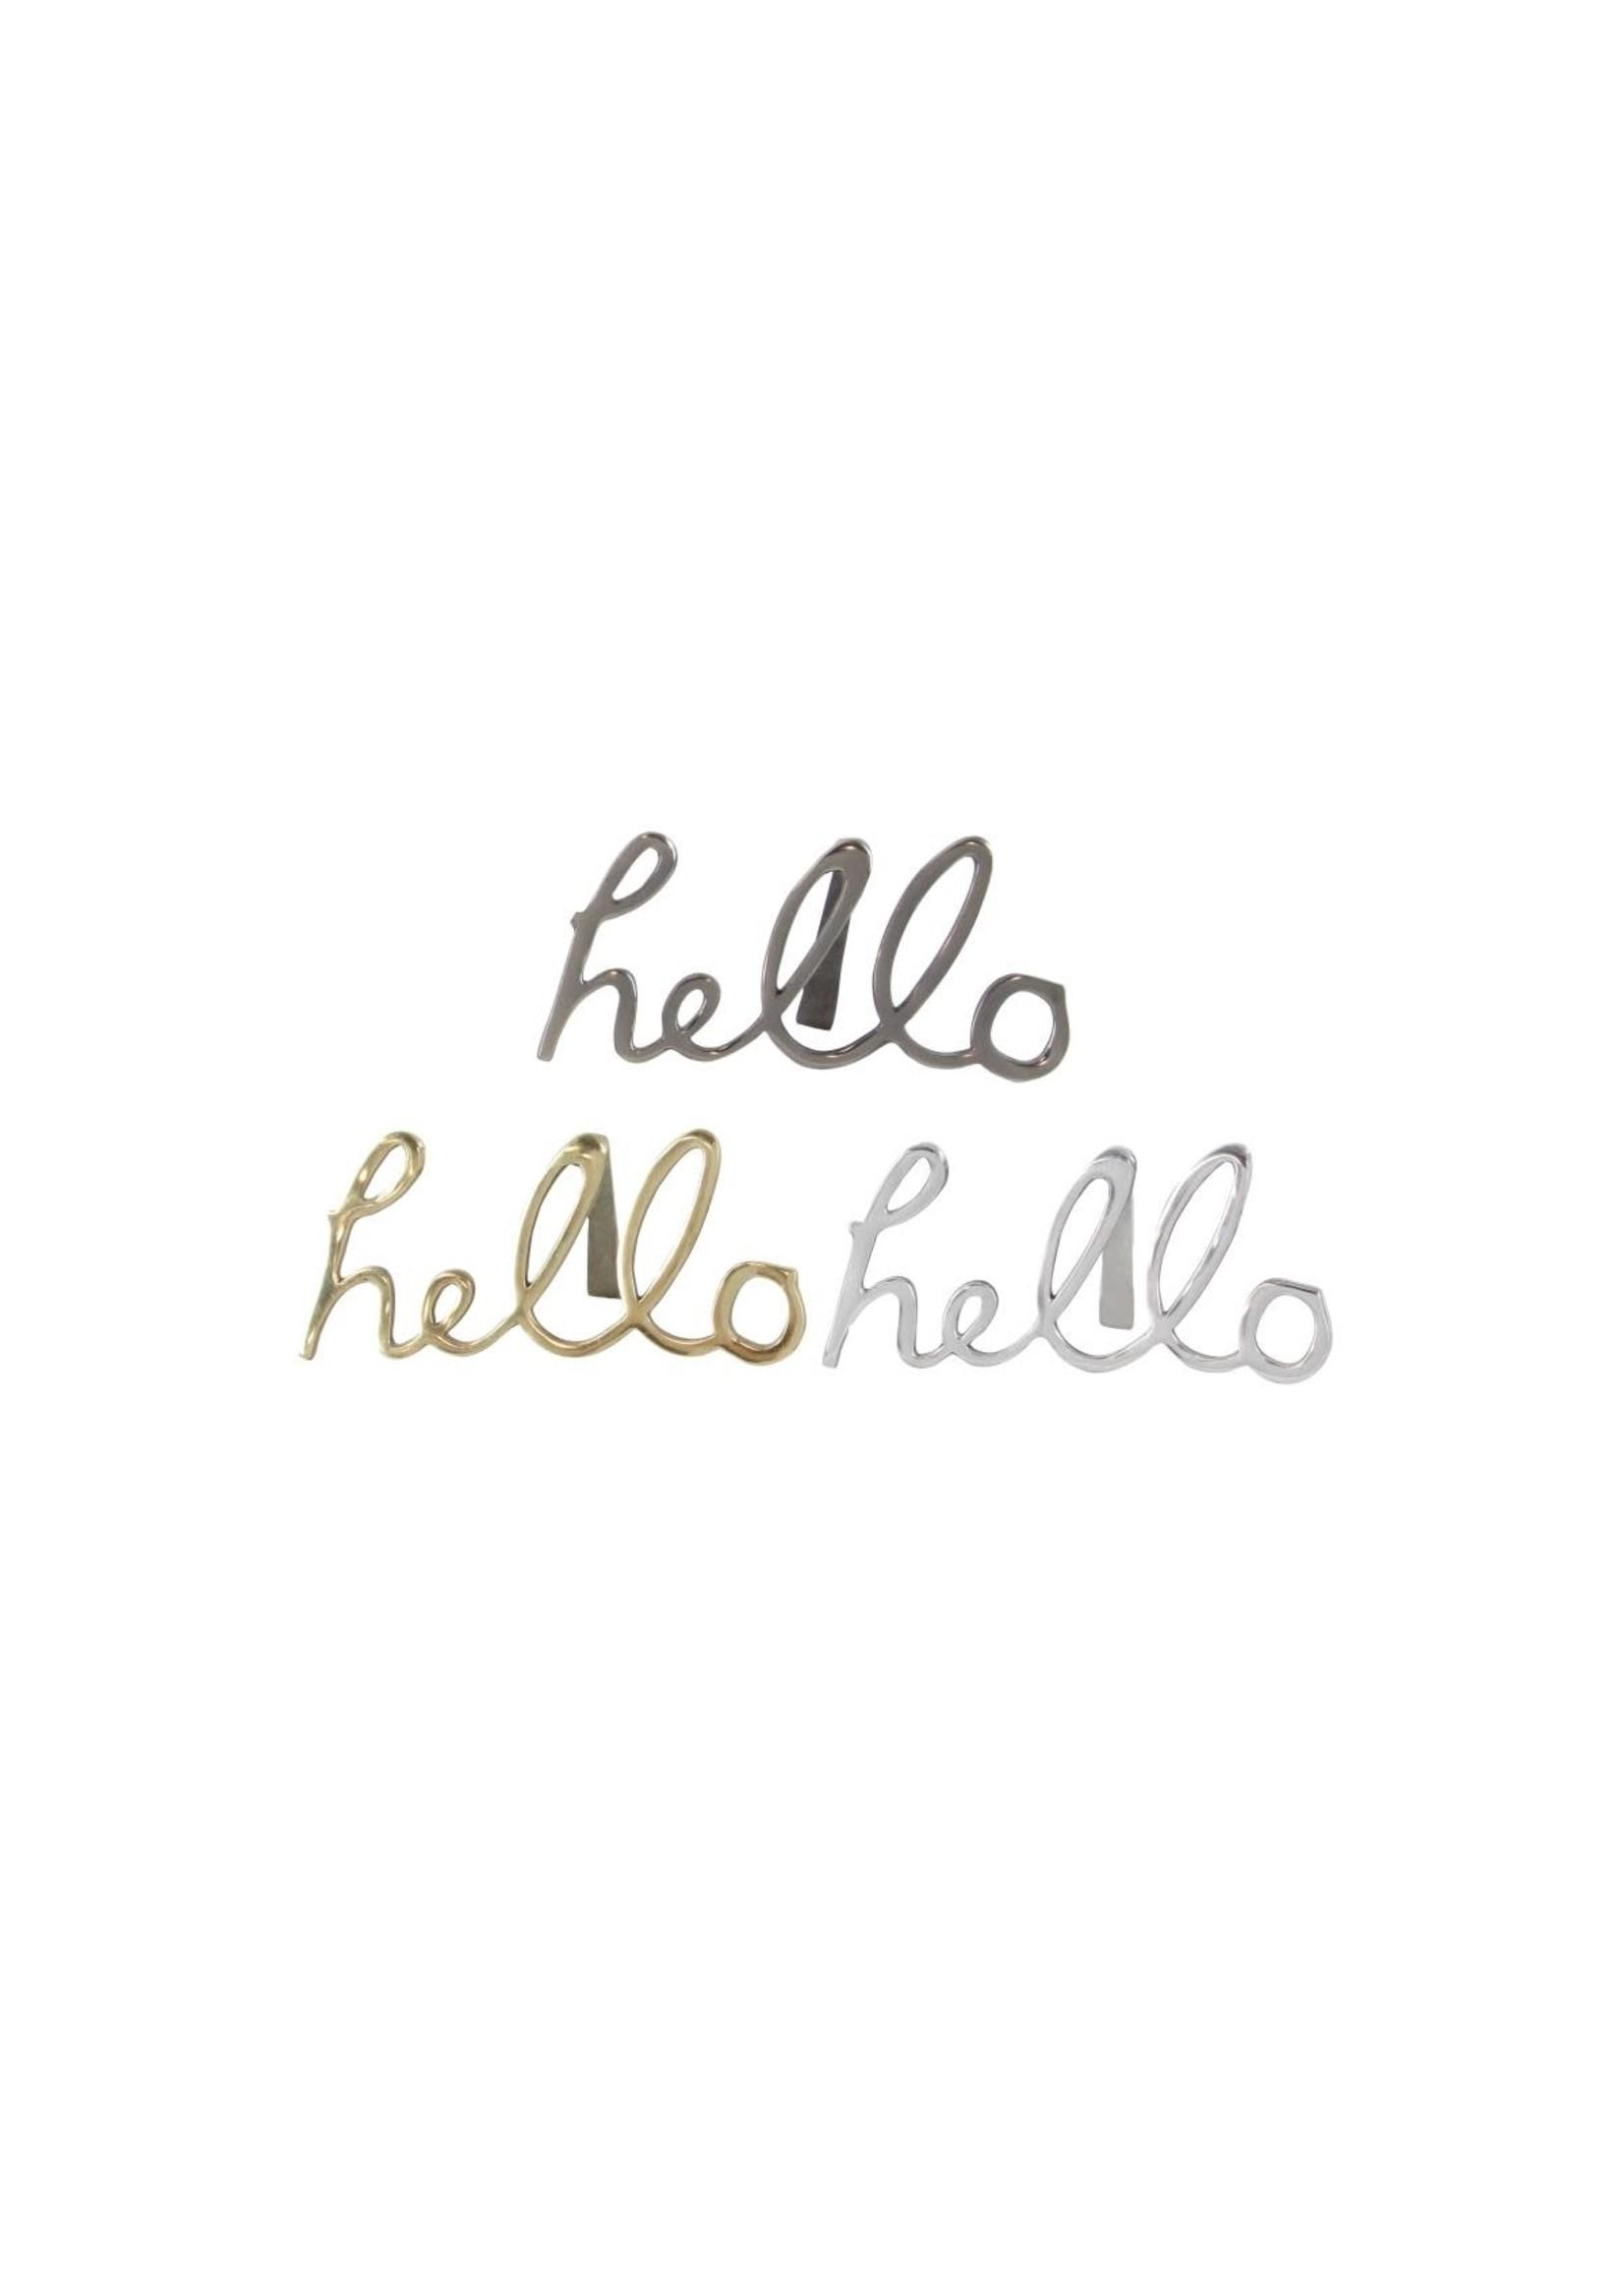 UMA Enterprises Aluminum 'Hello' Sign - Brushed Nickle